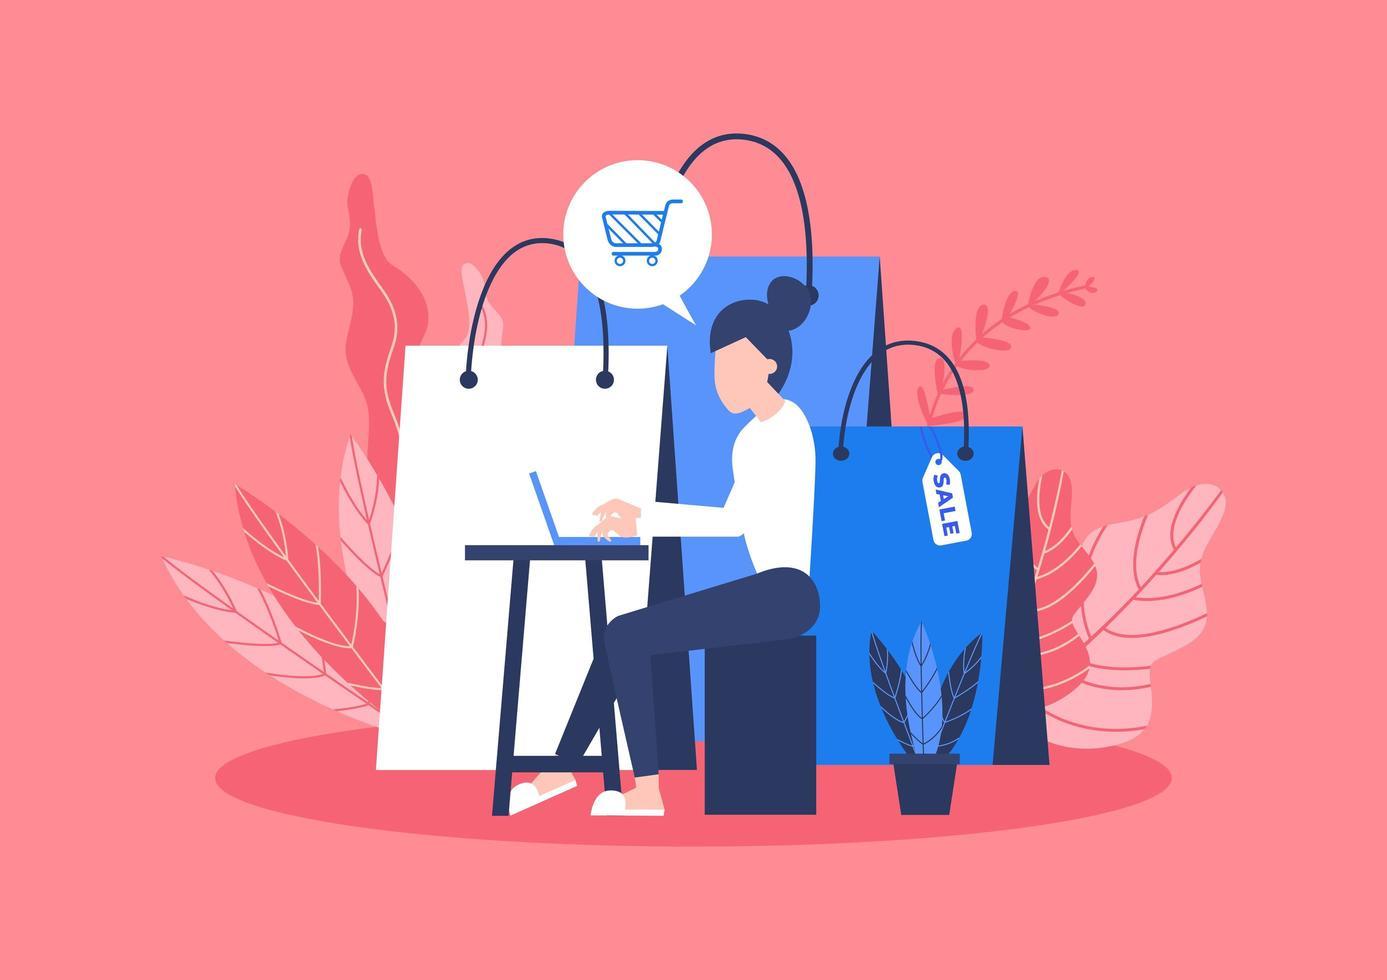 vrouw zitten met zak met goederen van online winkelen vector